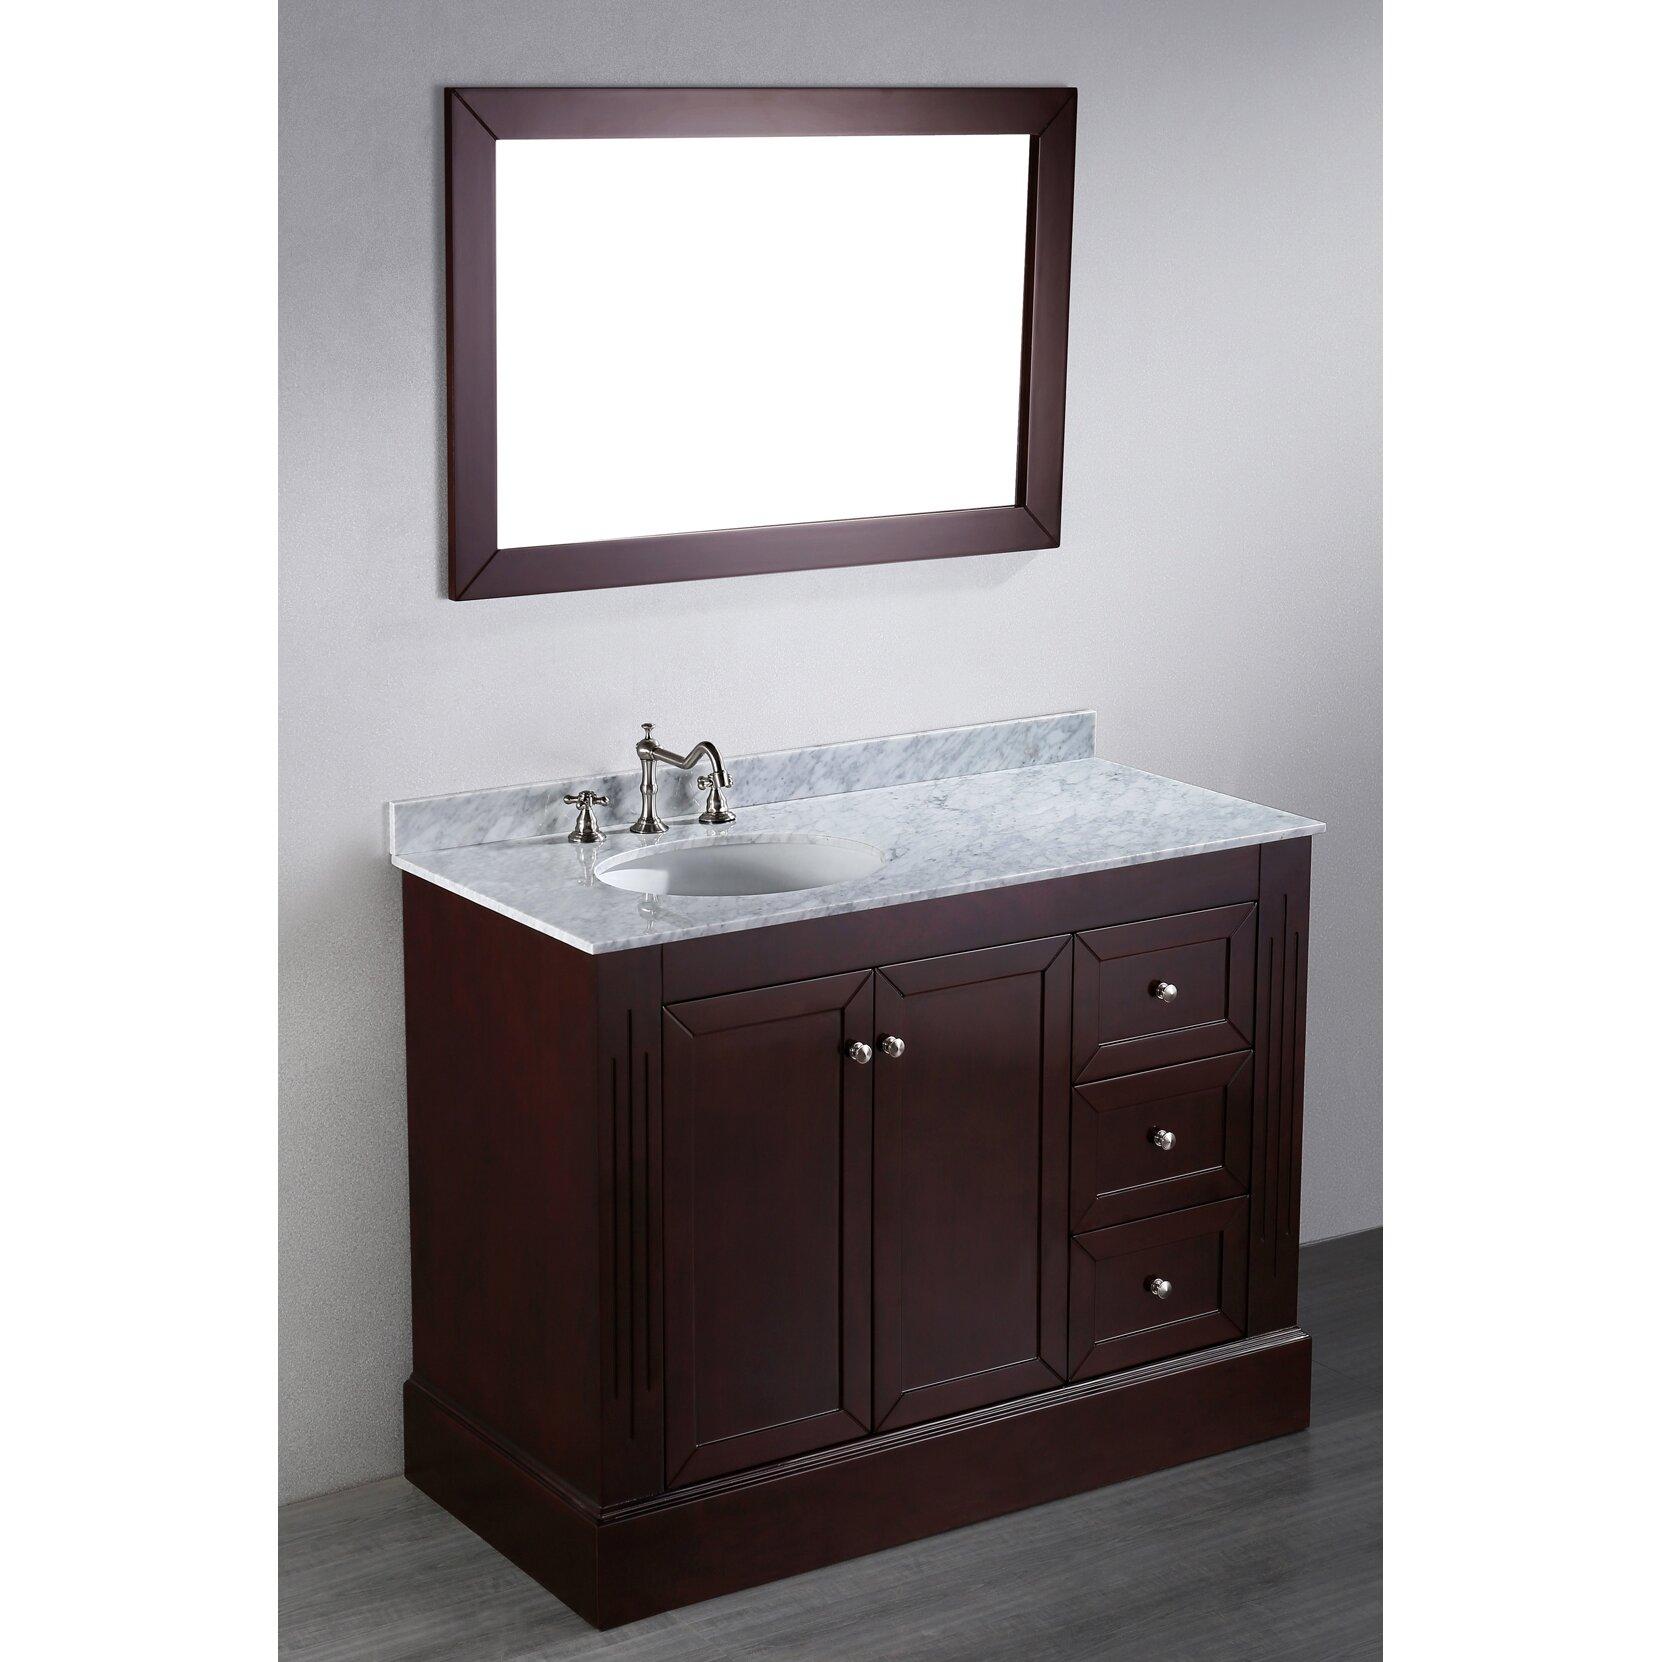 Bosconi Contemporary 45 Single Bathroom Vanity Set With Mirror Reviews Wayfair